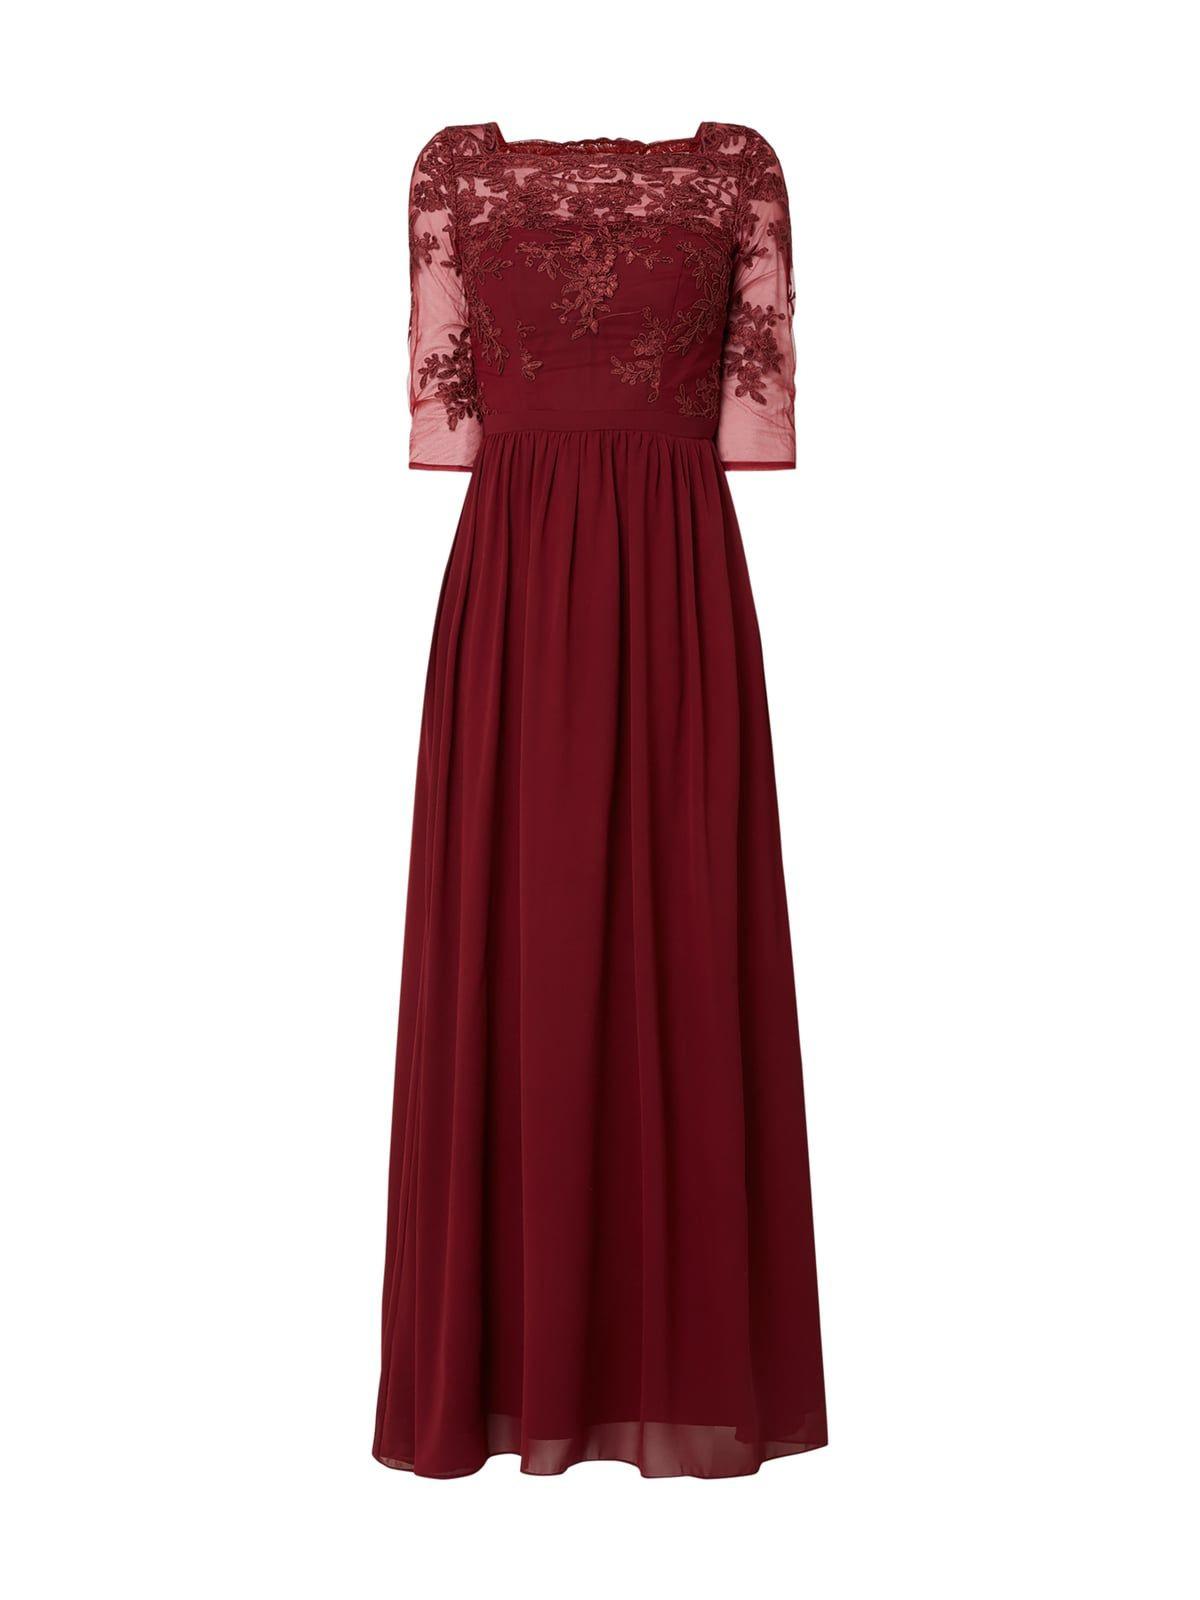 10 Einzigartig P&C Abendkleider Stylish15 Einfach P&C Abendkleider Vertrieb